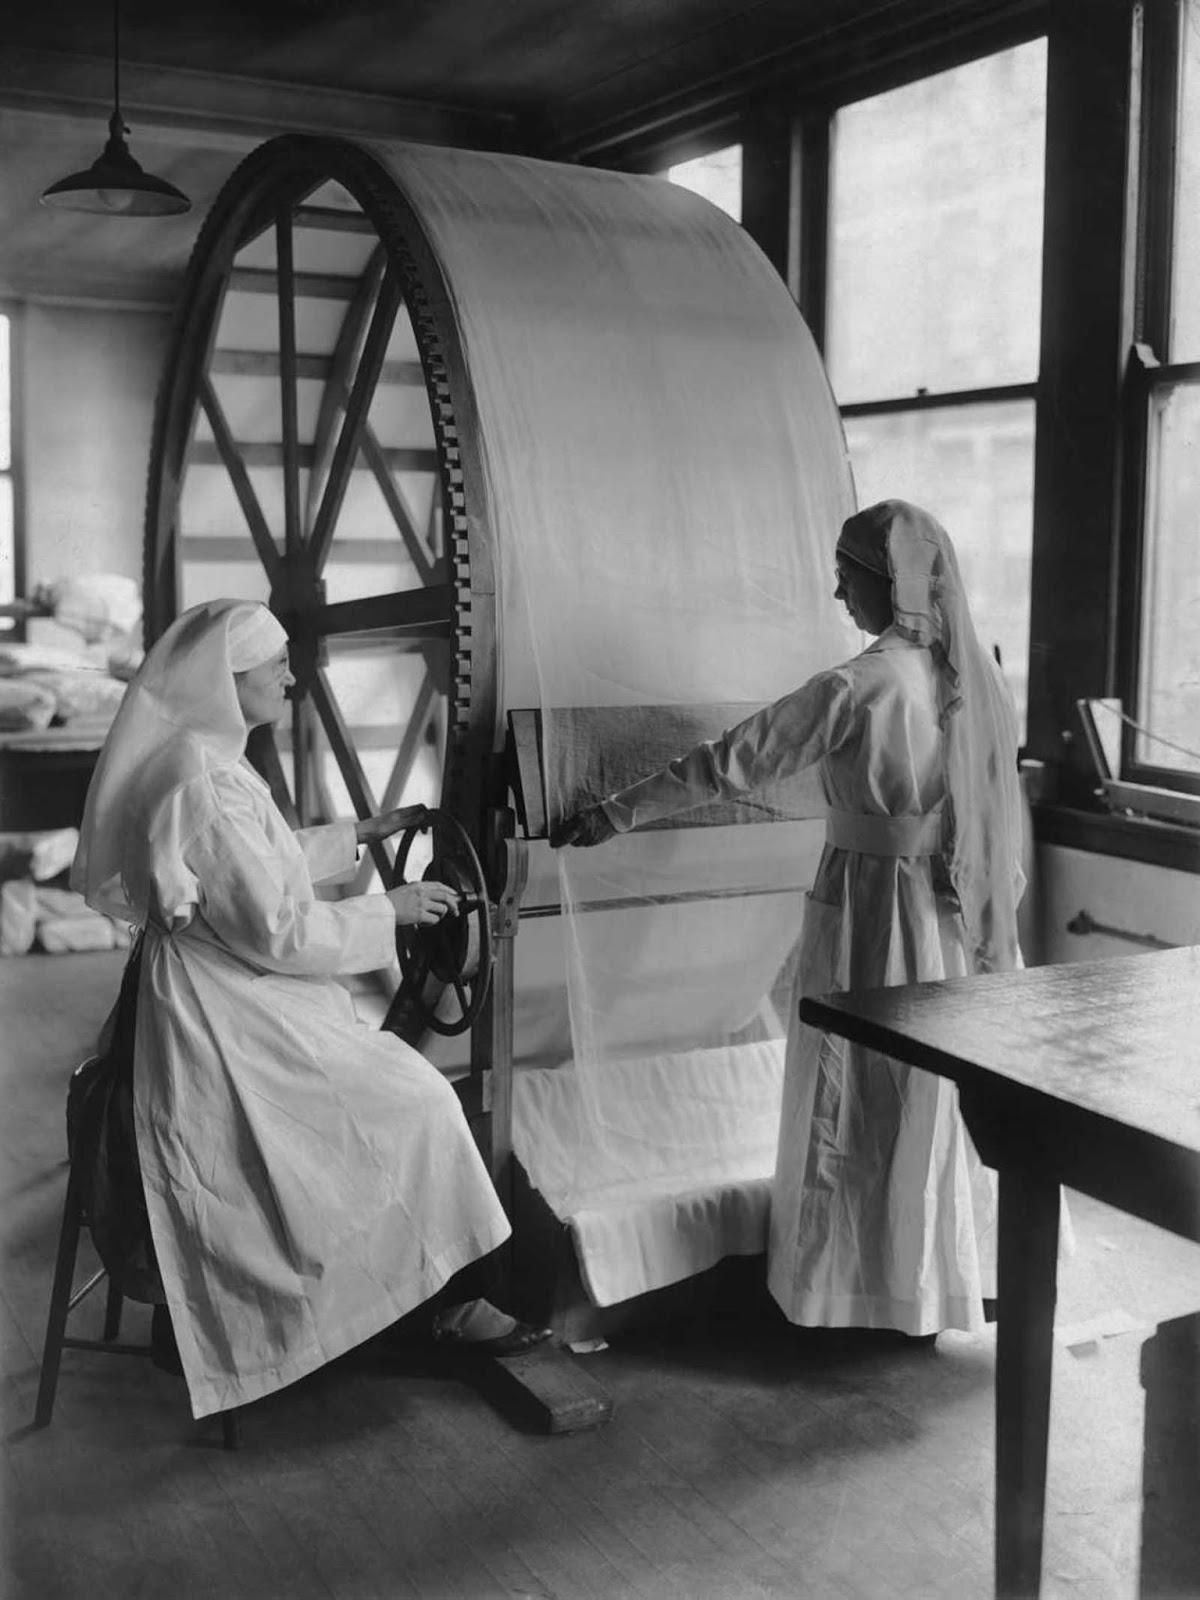 Las mujeres operan la nueva máquina de estiramiento para vendajes quirúrgicos en la sede de la Cruz Roja en Cincinnati, Ohio, alrededor de 1915.